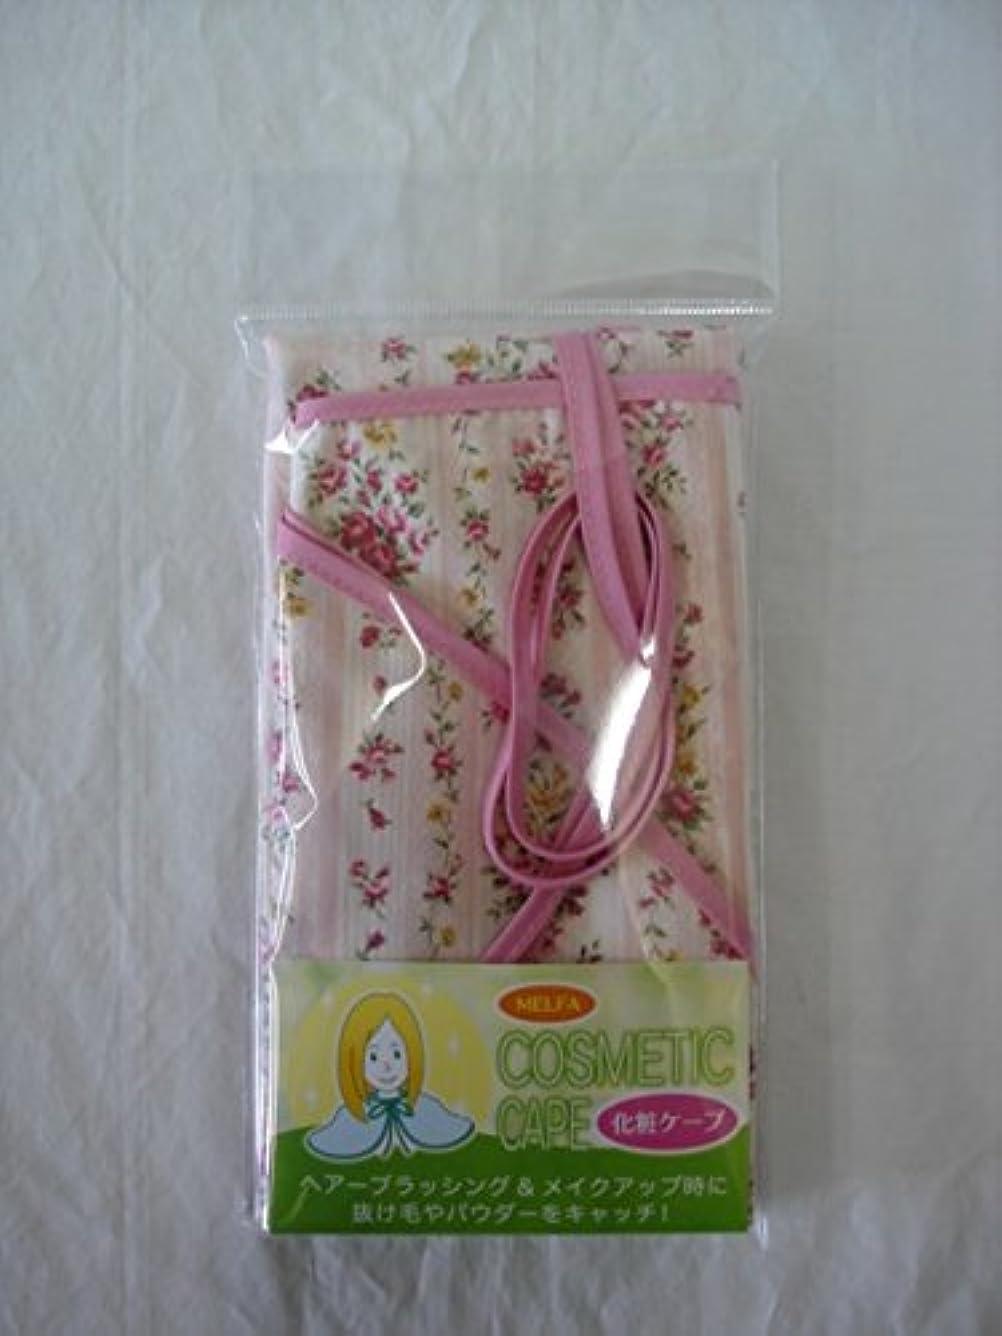 きれいに病者ハンディキャップ日本製 化粧ケープ チロリアンフラワーピンク